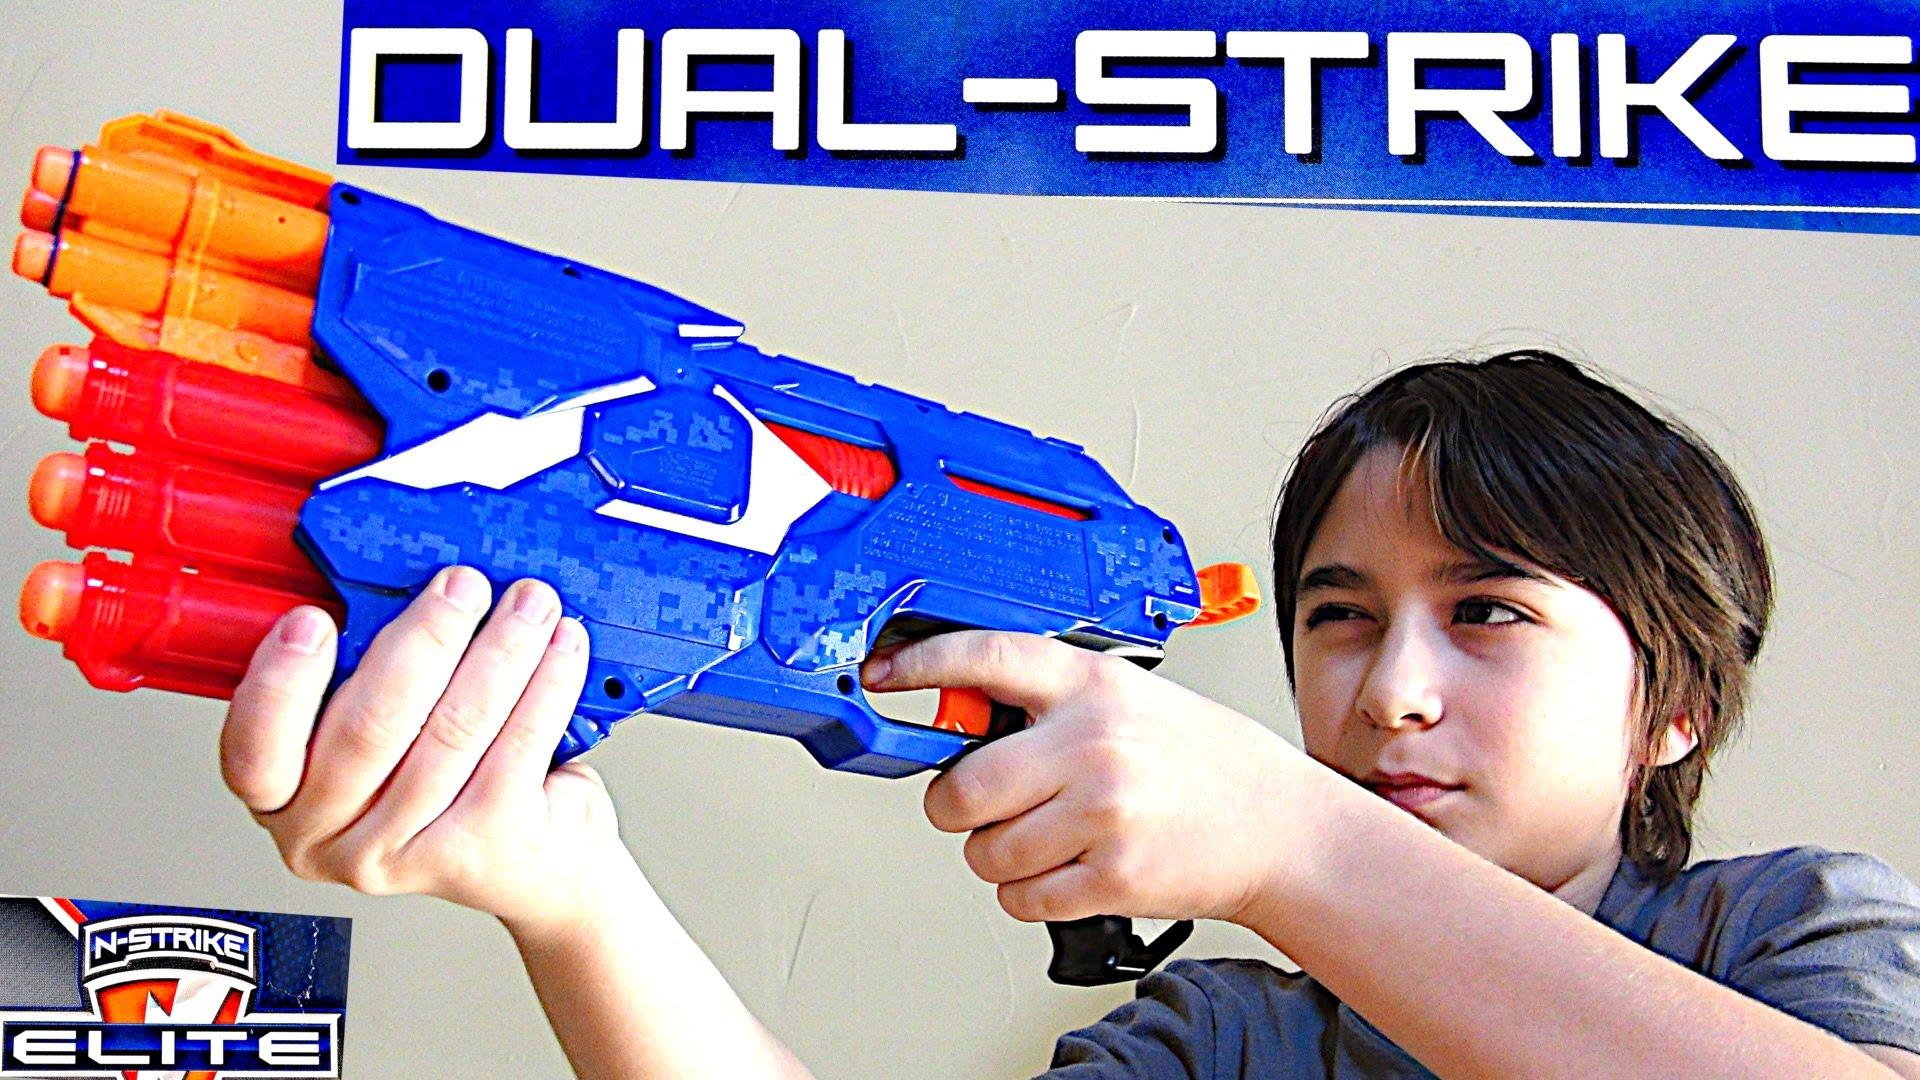 Ζήσε την εμπειρία δράσης Nerf και παίξε με το νέο Nerf Dual Strike που εκτοξεύει 2 είδη βελών!